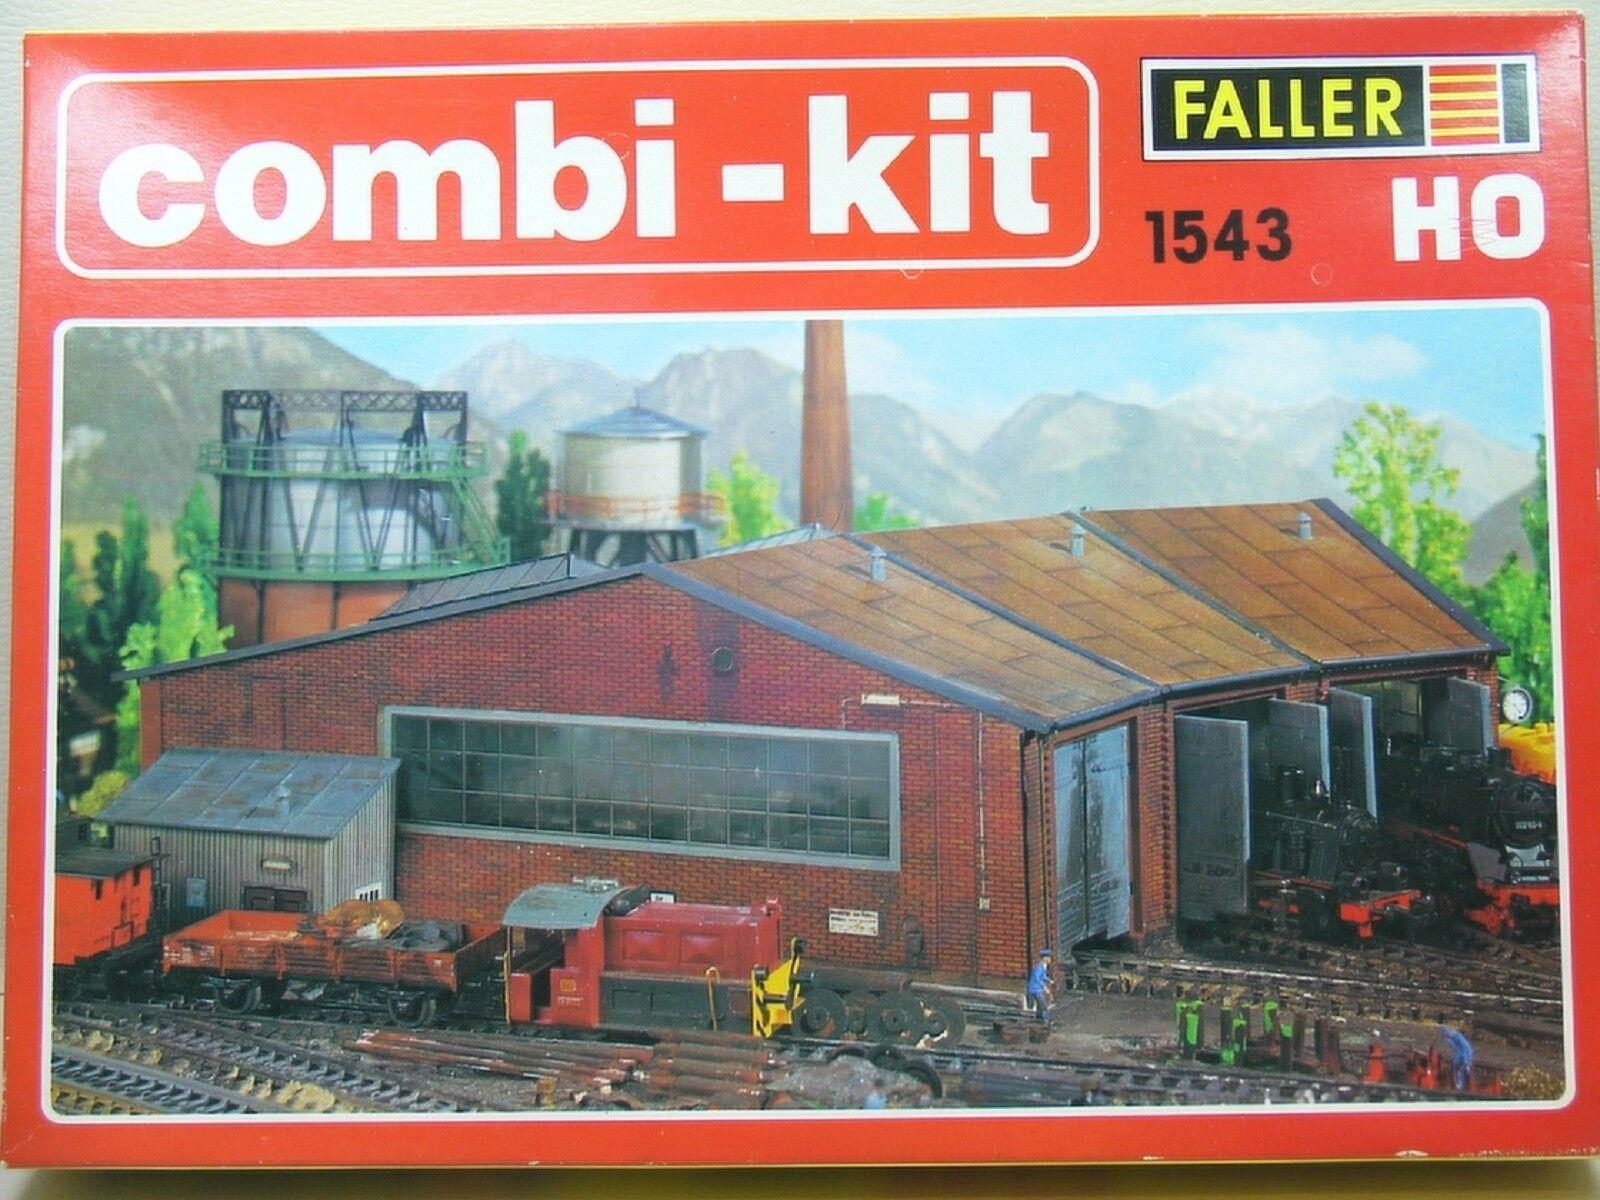 Faller 1543 Combi-KIT kit di ho molto molto raro per collezionisti qualcosa Exclusives